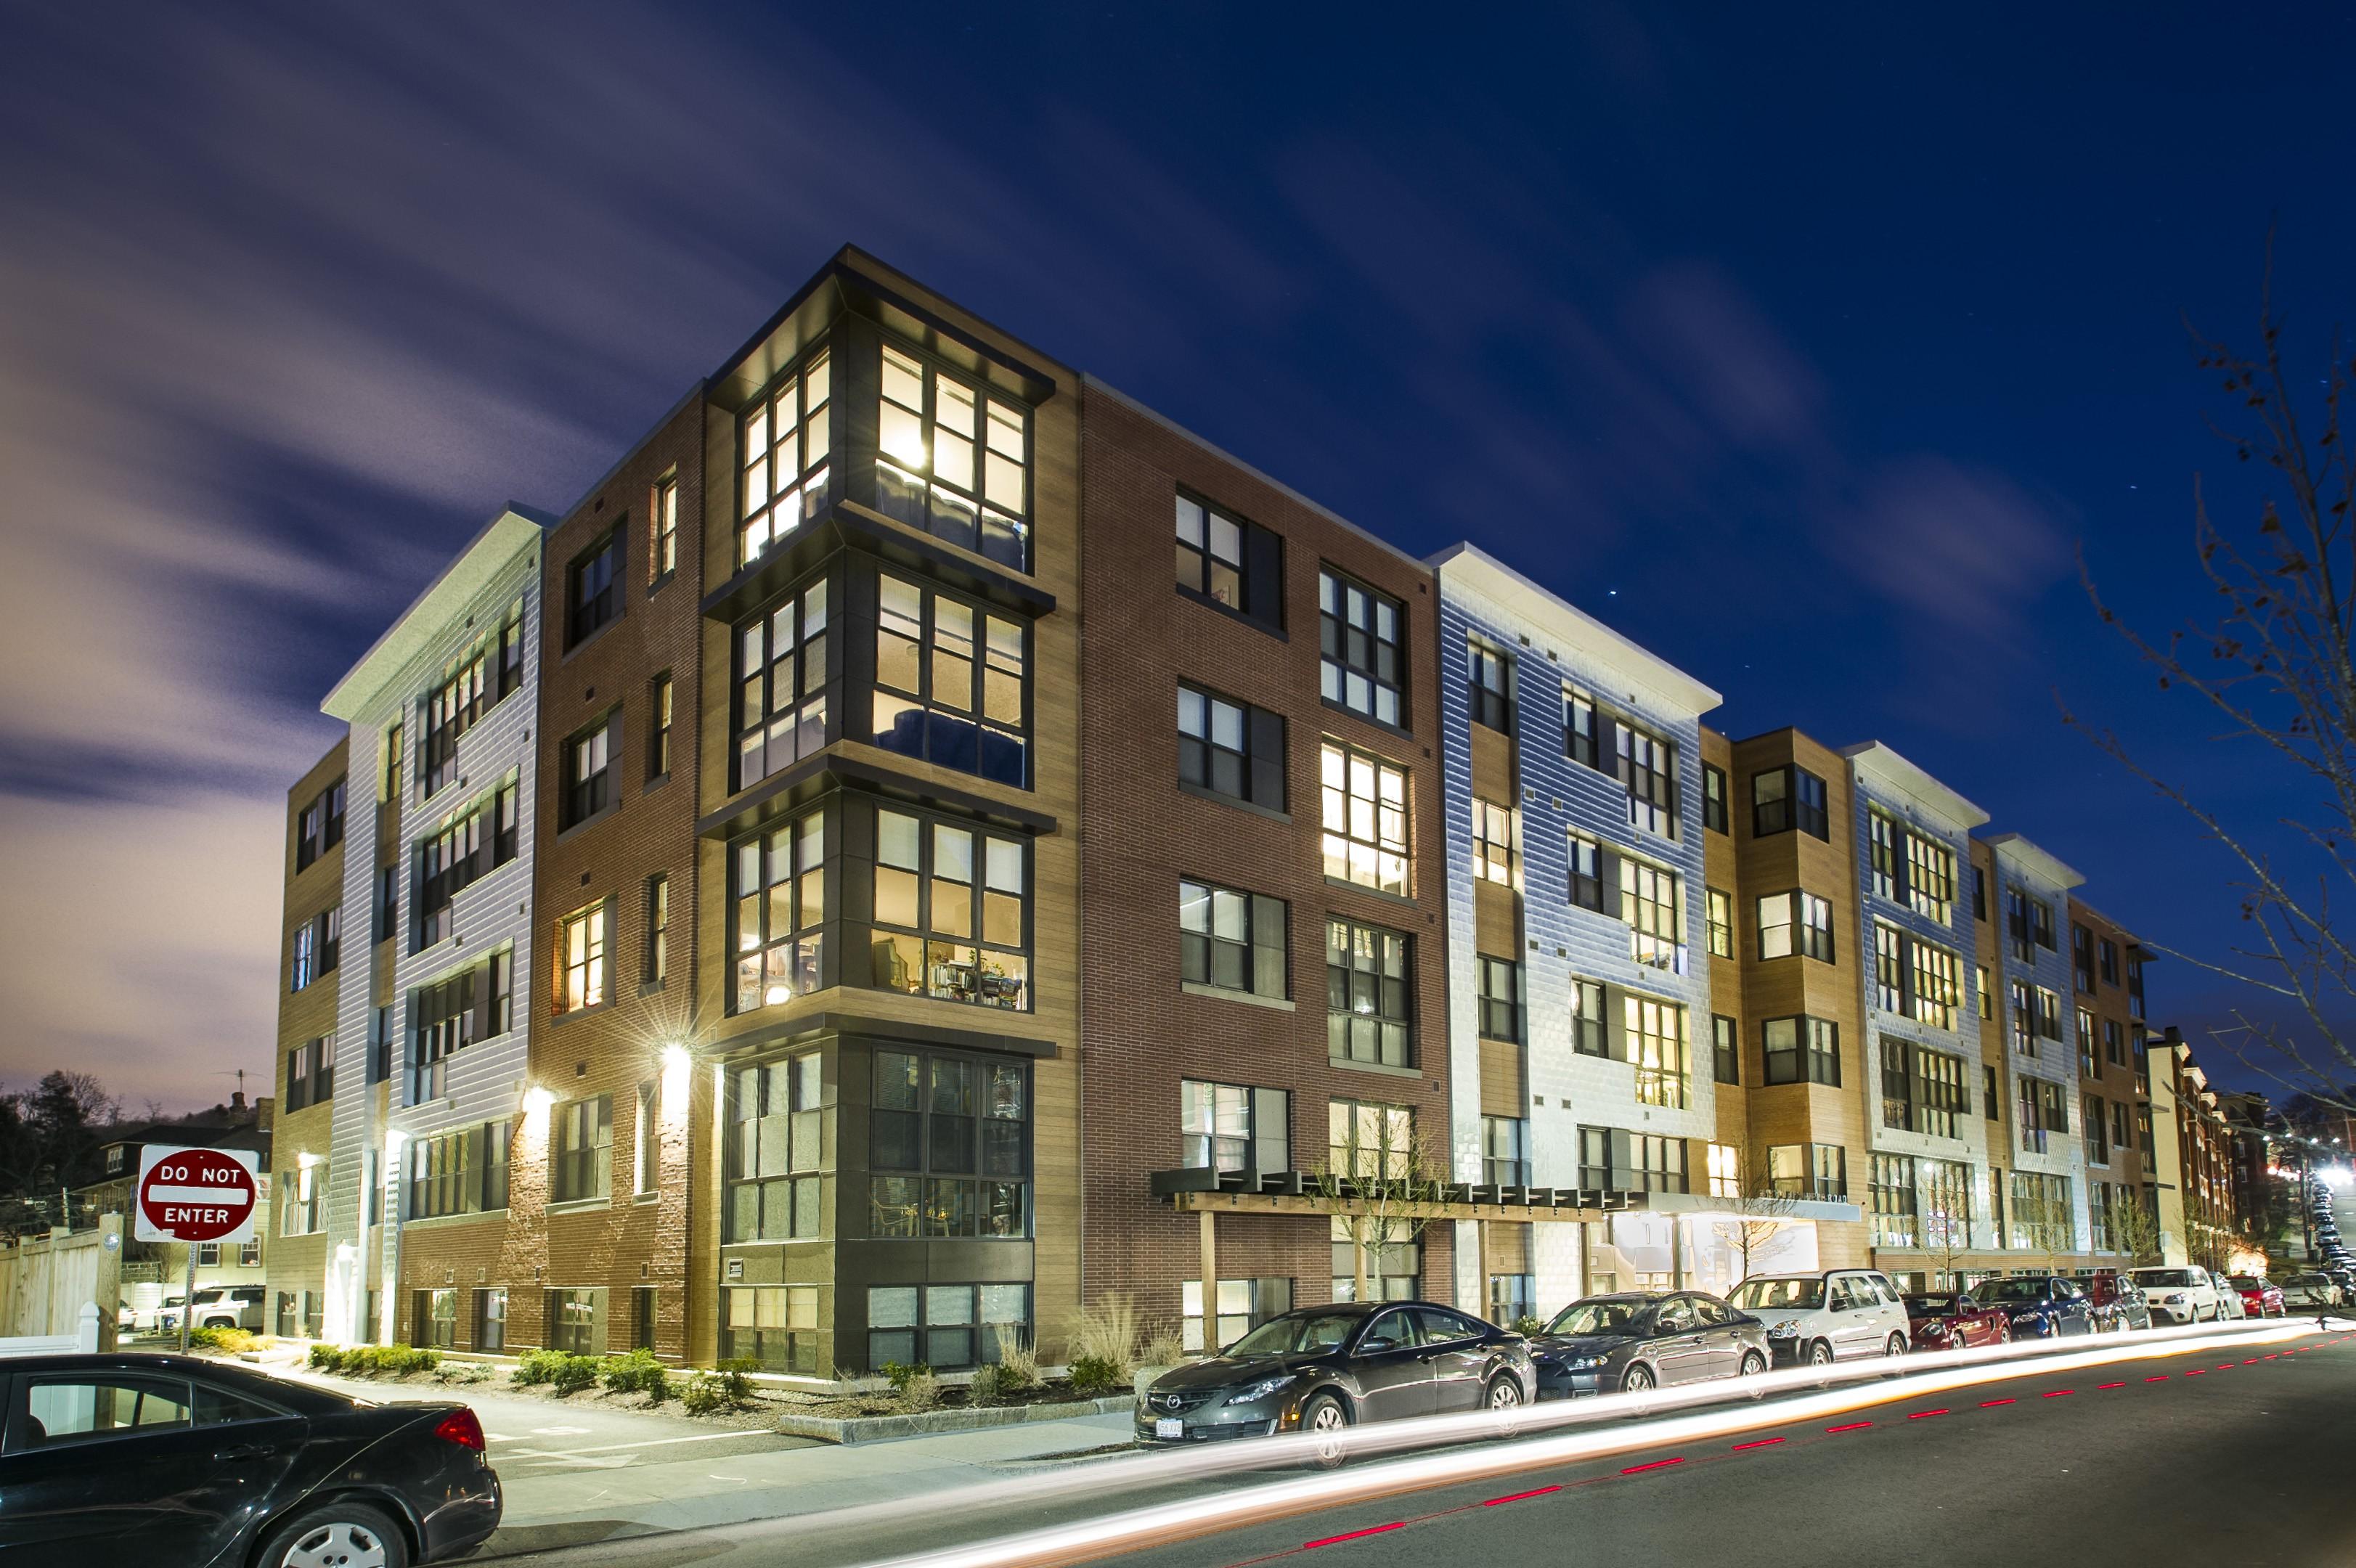 Apartments Near Boston College E3 Apartments for Boston College Students in Chestnut Hill, MA